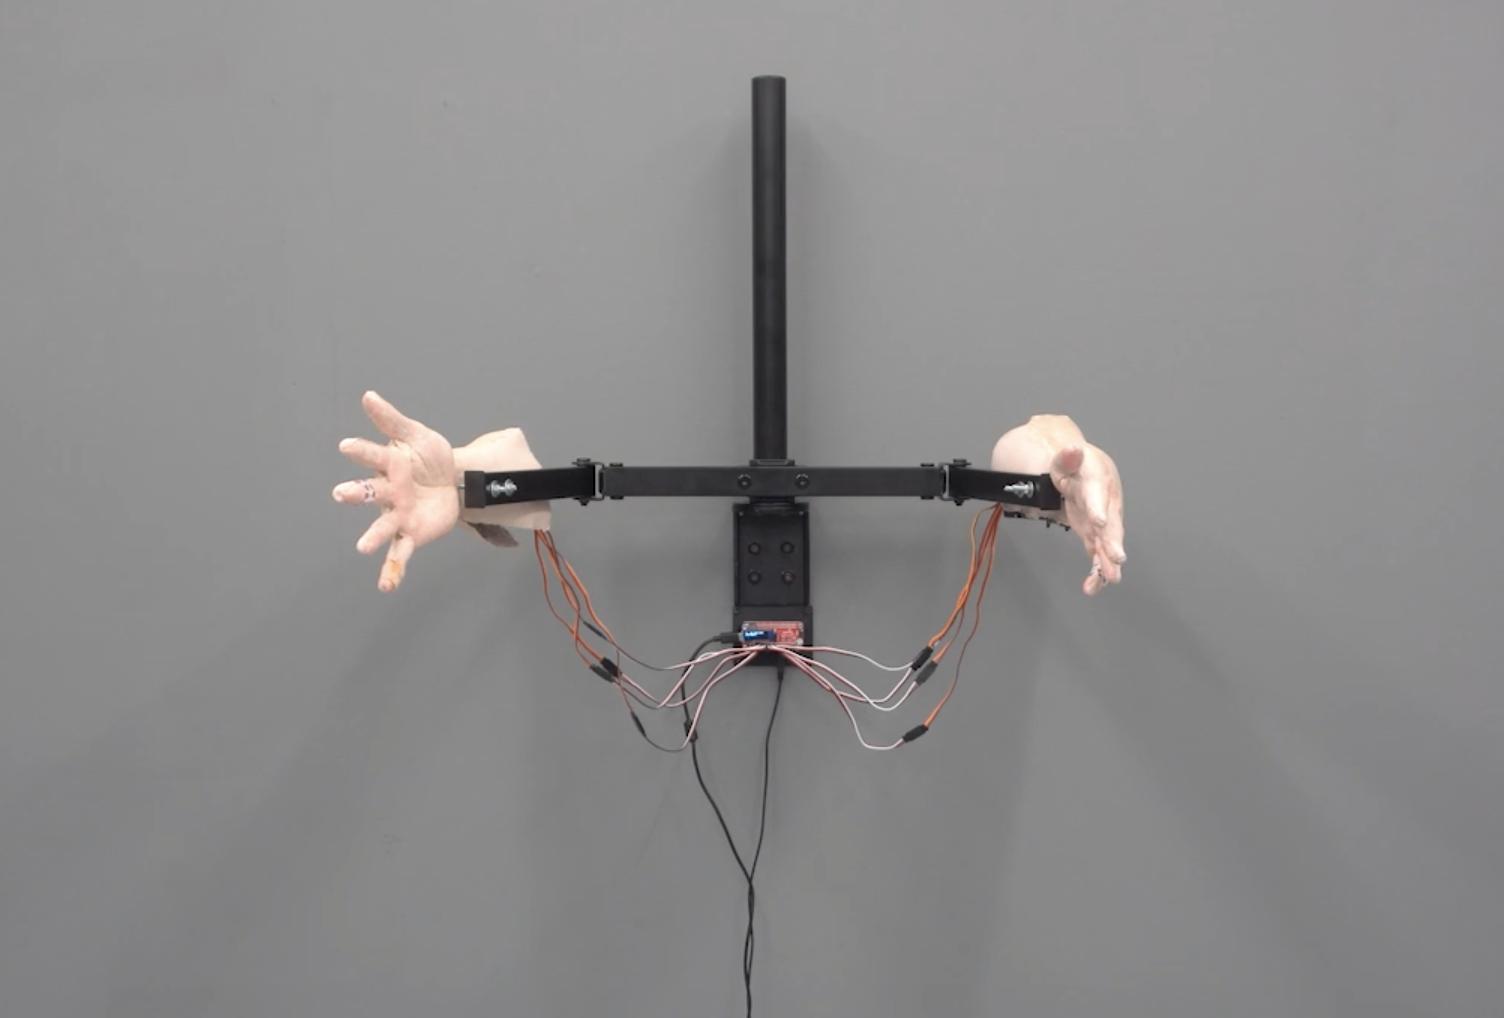 Passive Aggression robotic hands